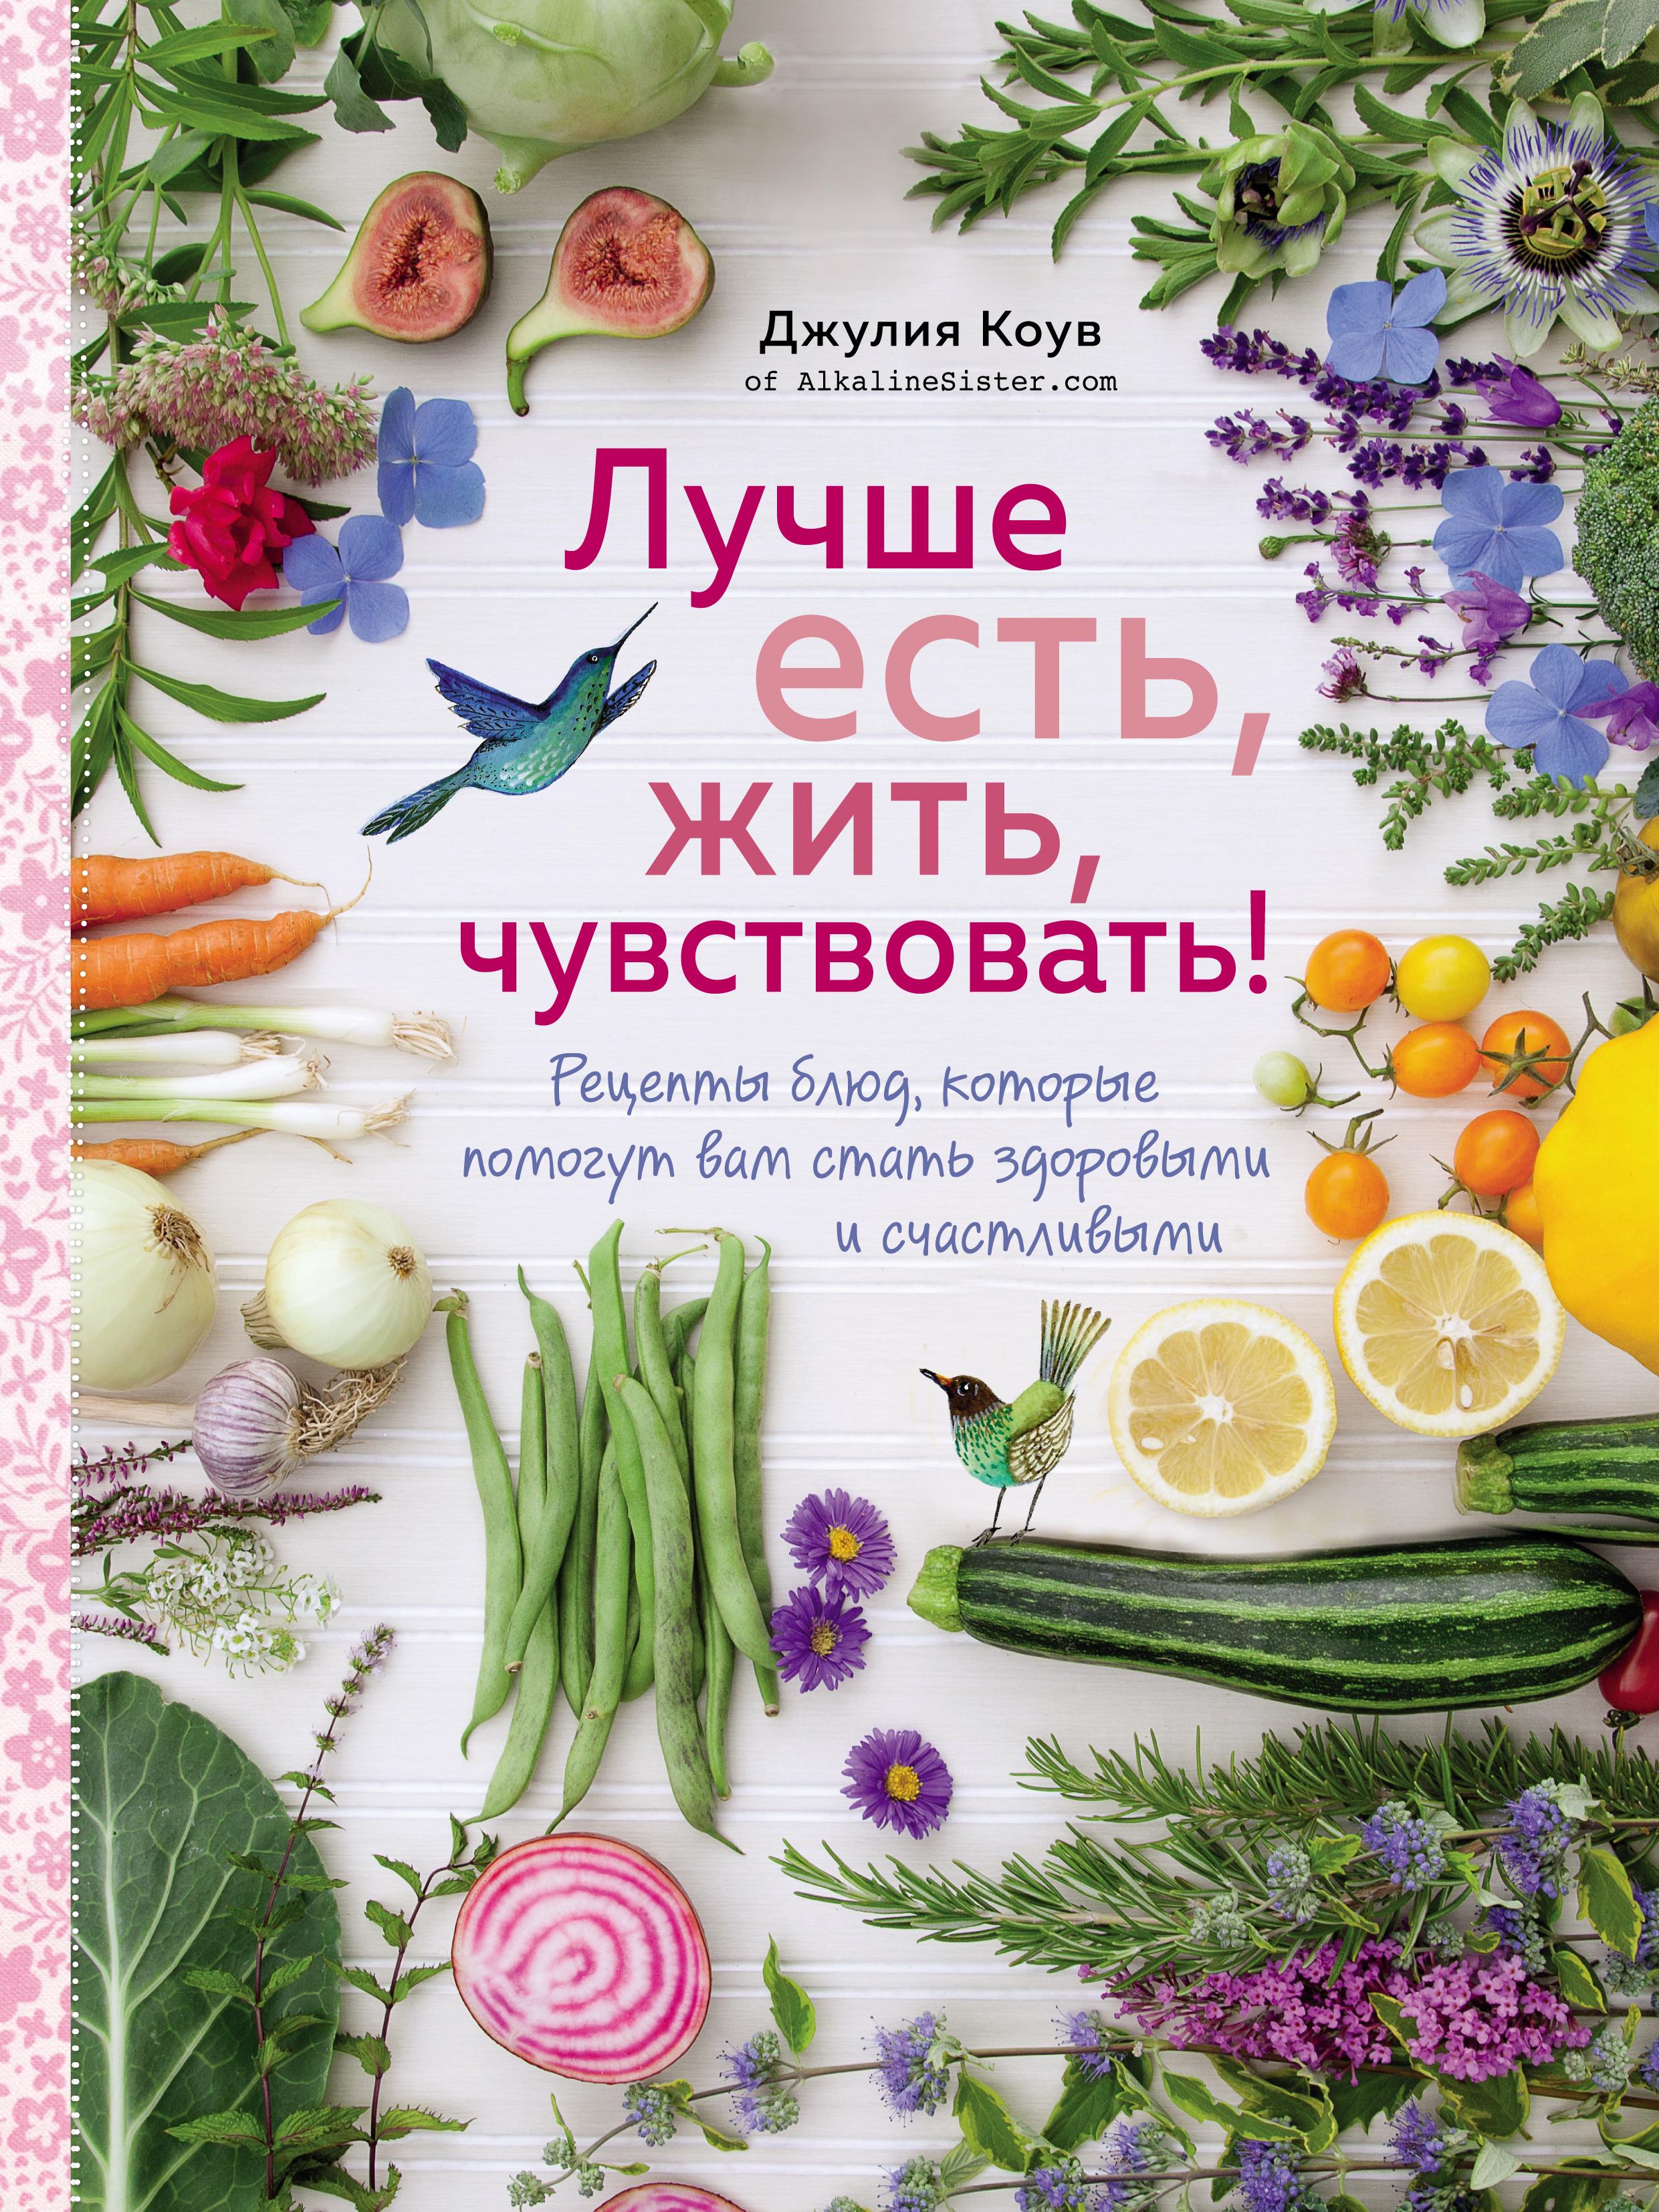 Лучше есть, жить, чувствовать! Рецепты блюд, которые помогут вам стать здоровыми и счастливыми